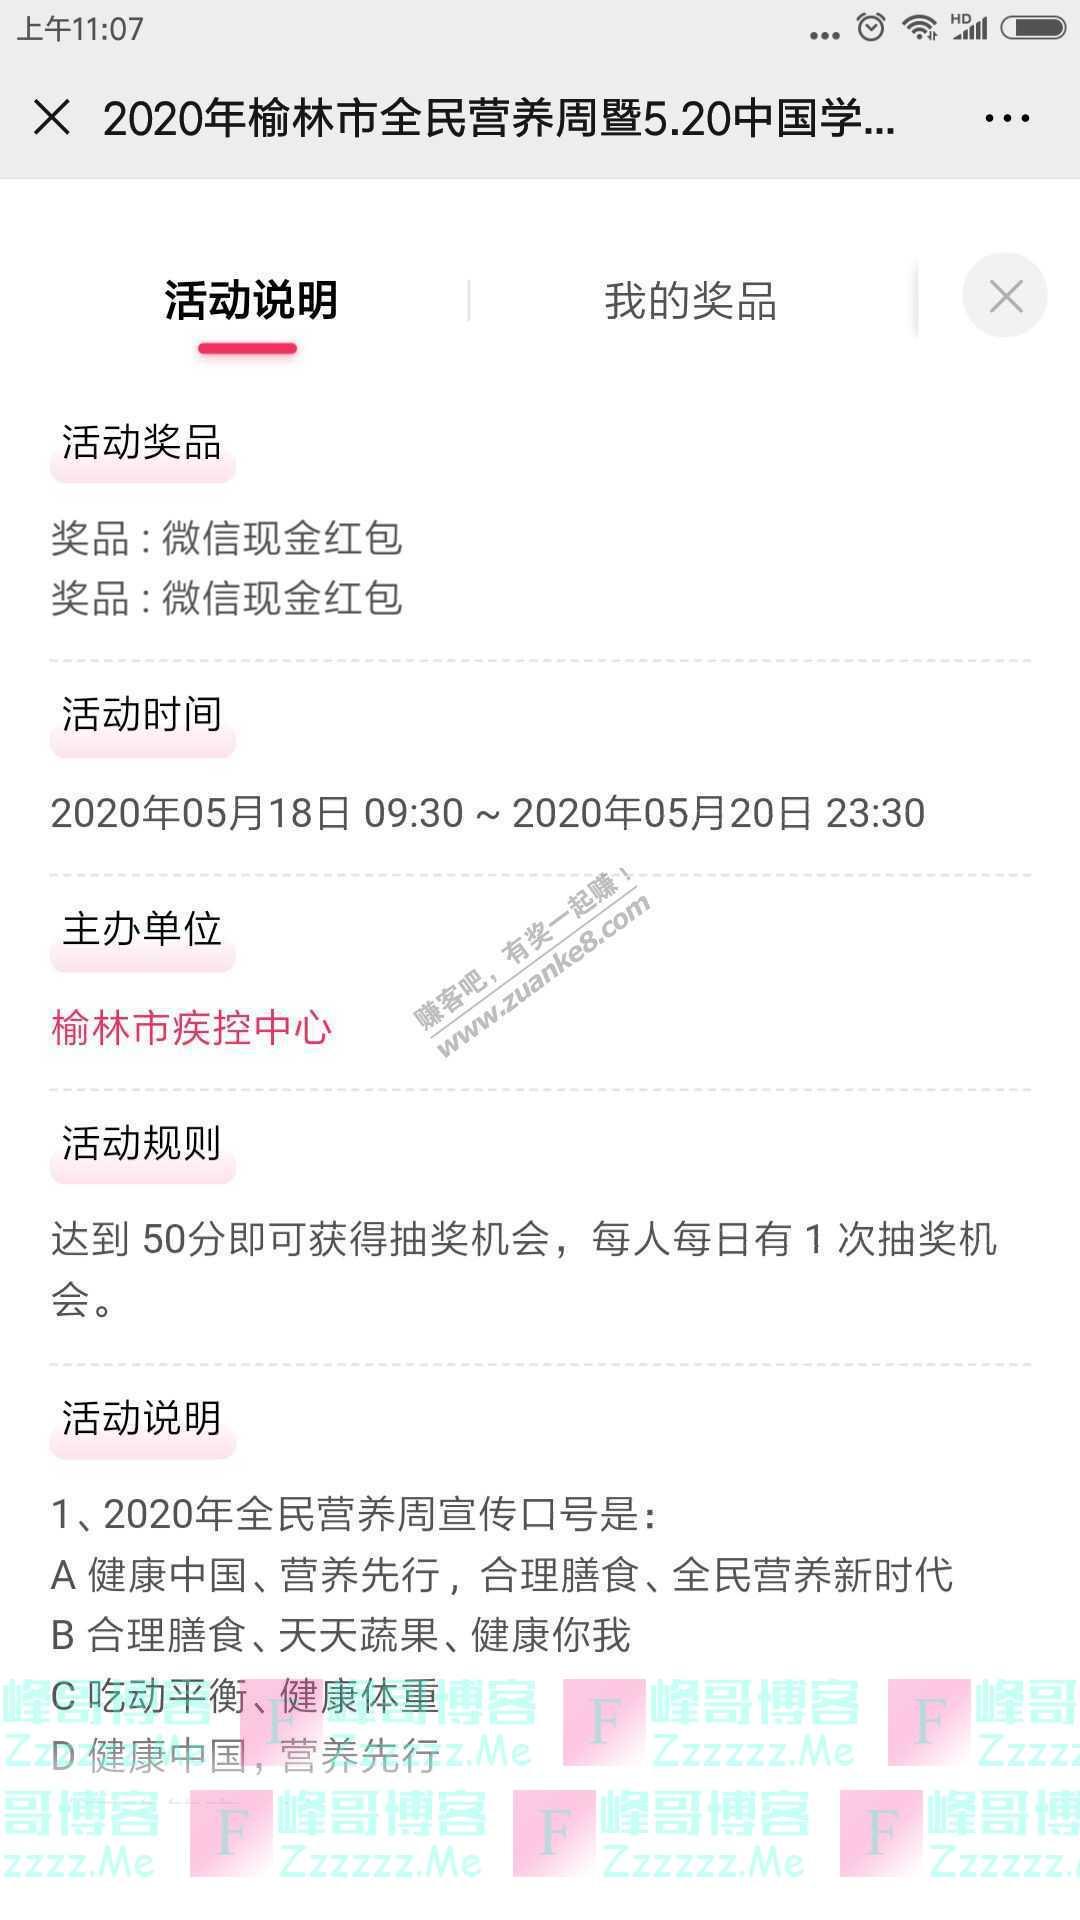 榆林疾控中心全民营养周暨5.20中国学生营养日有奖问答(截止5月20日)